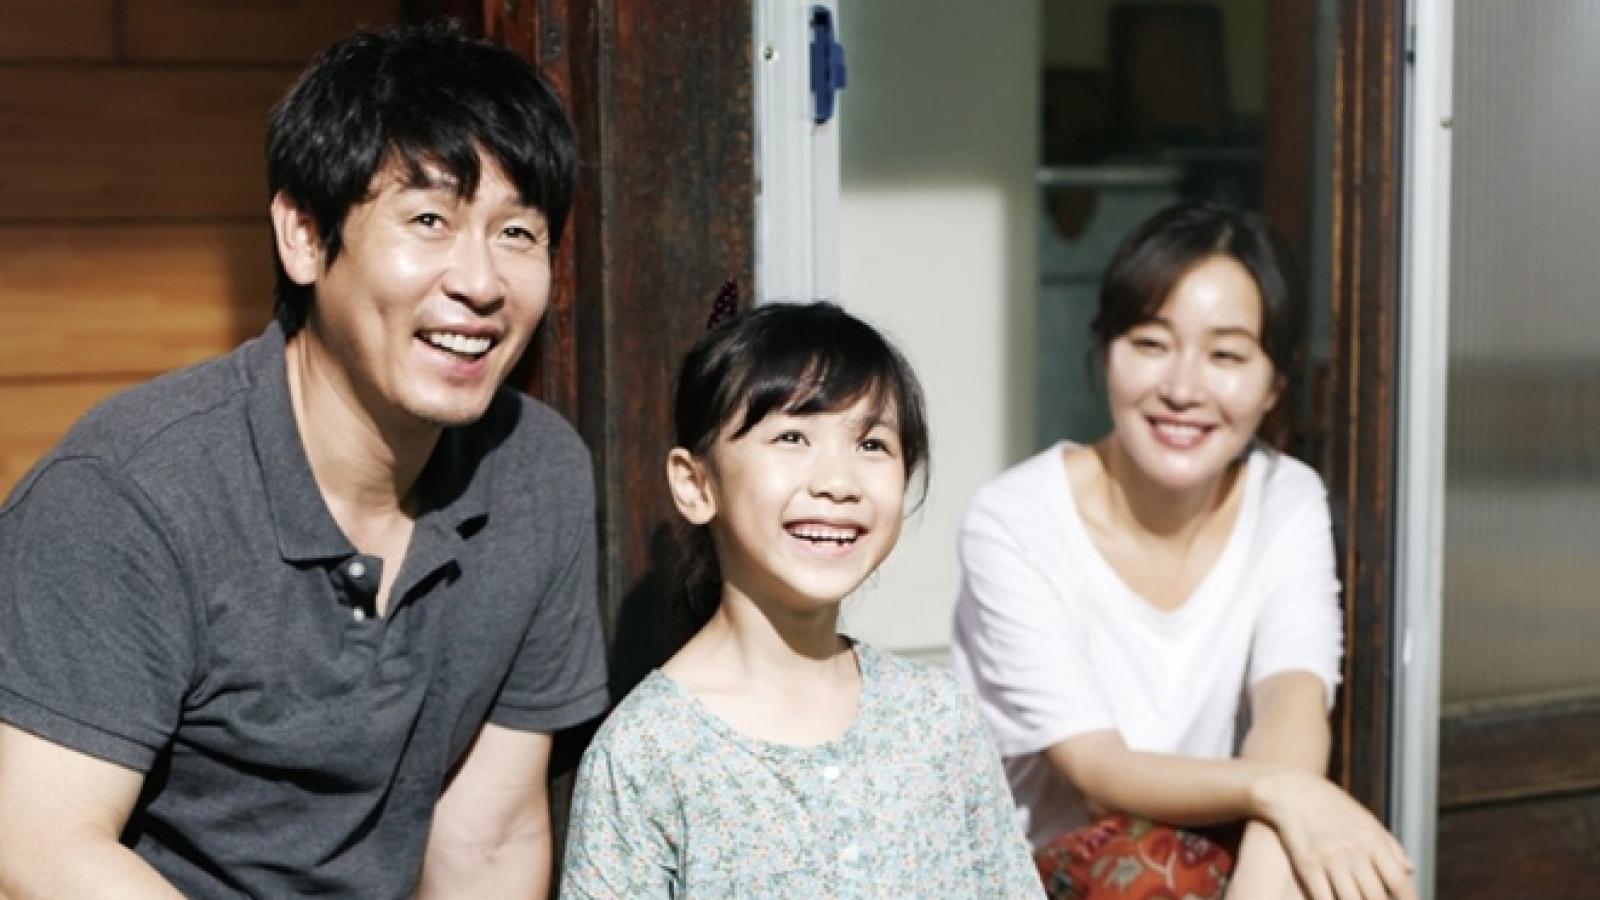 Korean Film Festival starts Dec. 17 in Thai Nguyen